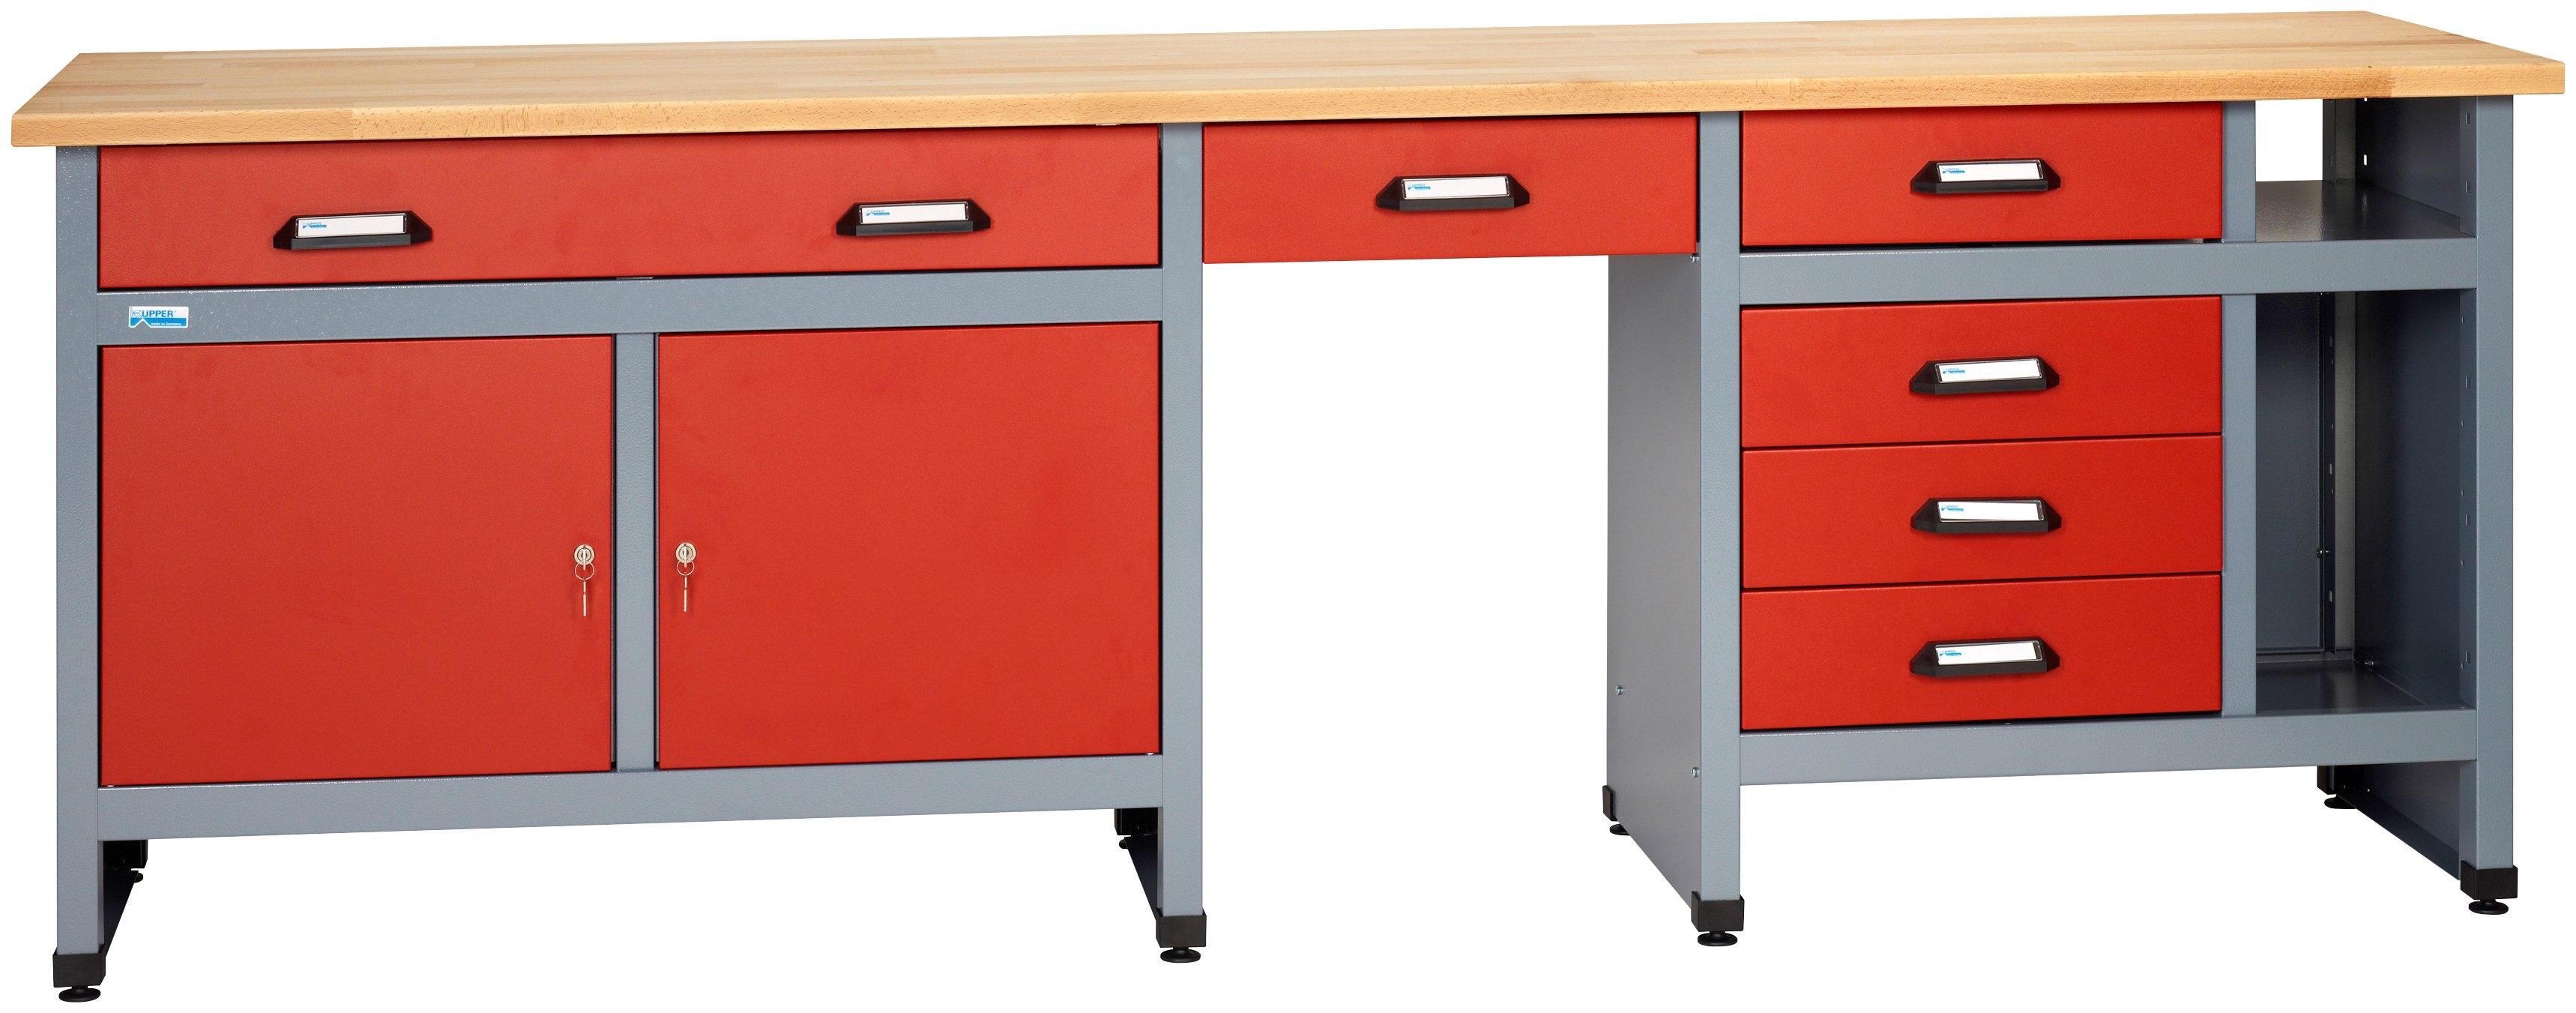 k pper werkbank 6 laden 2 deuren in rood speciale hoogte 95 cm online bestellen otto. Black Bedroom Furniture Sets. Home Design Ideas